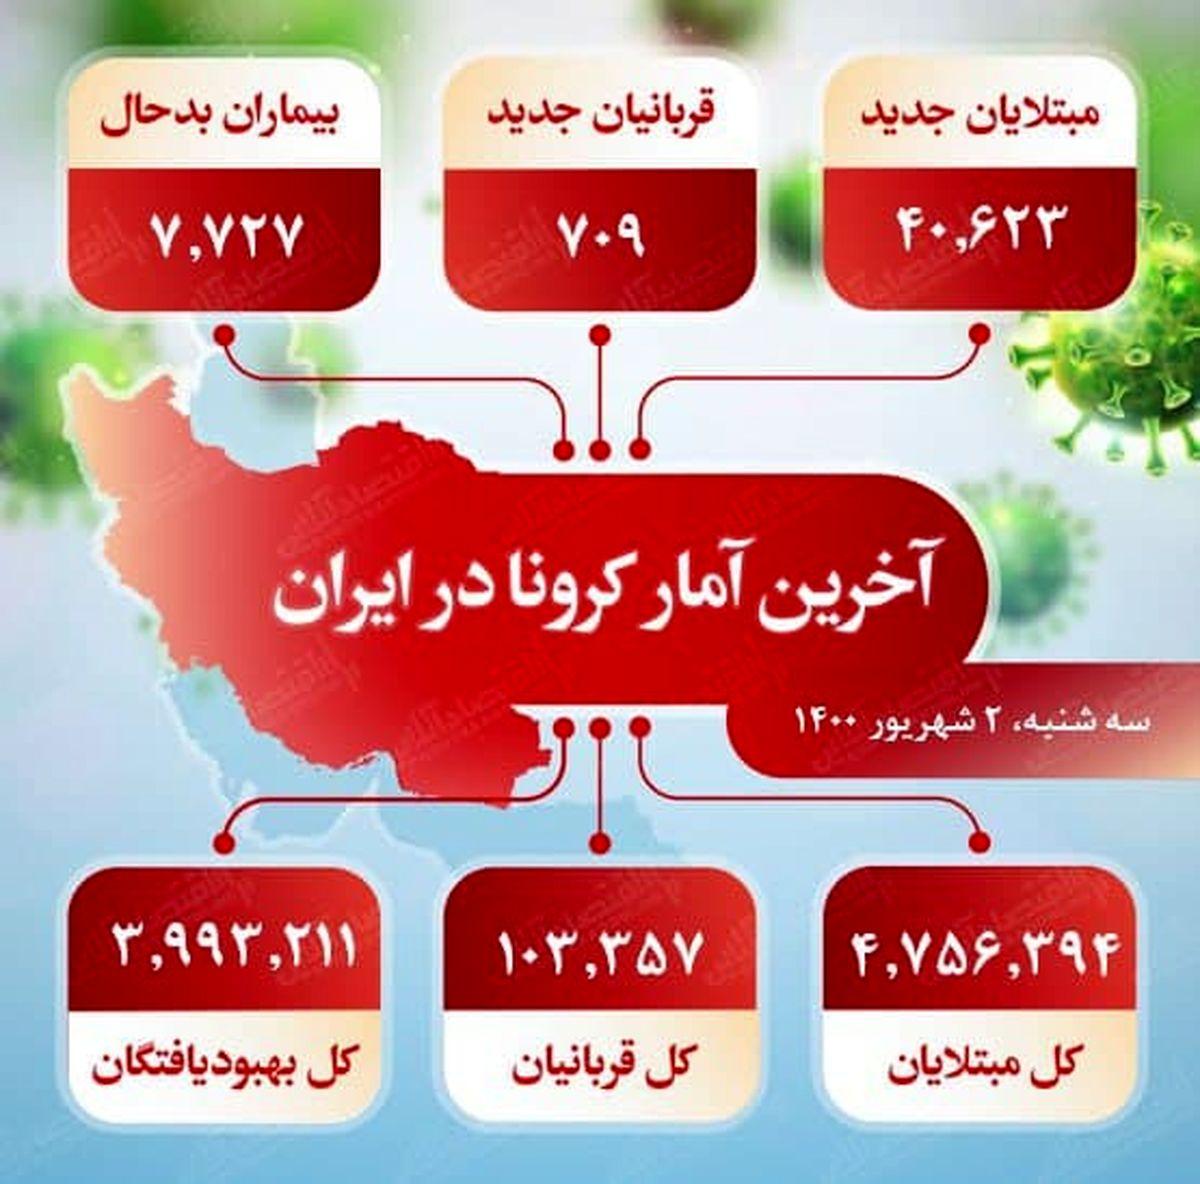 آخرین آمار کرونا در ایران (۱۴۰۰/۶/۲)